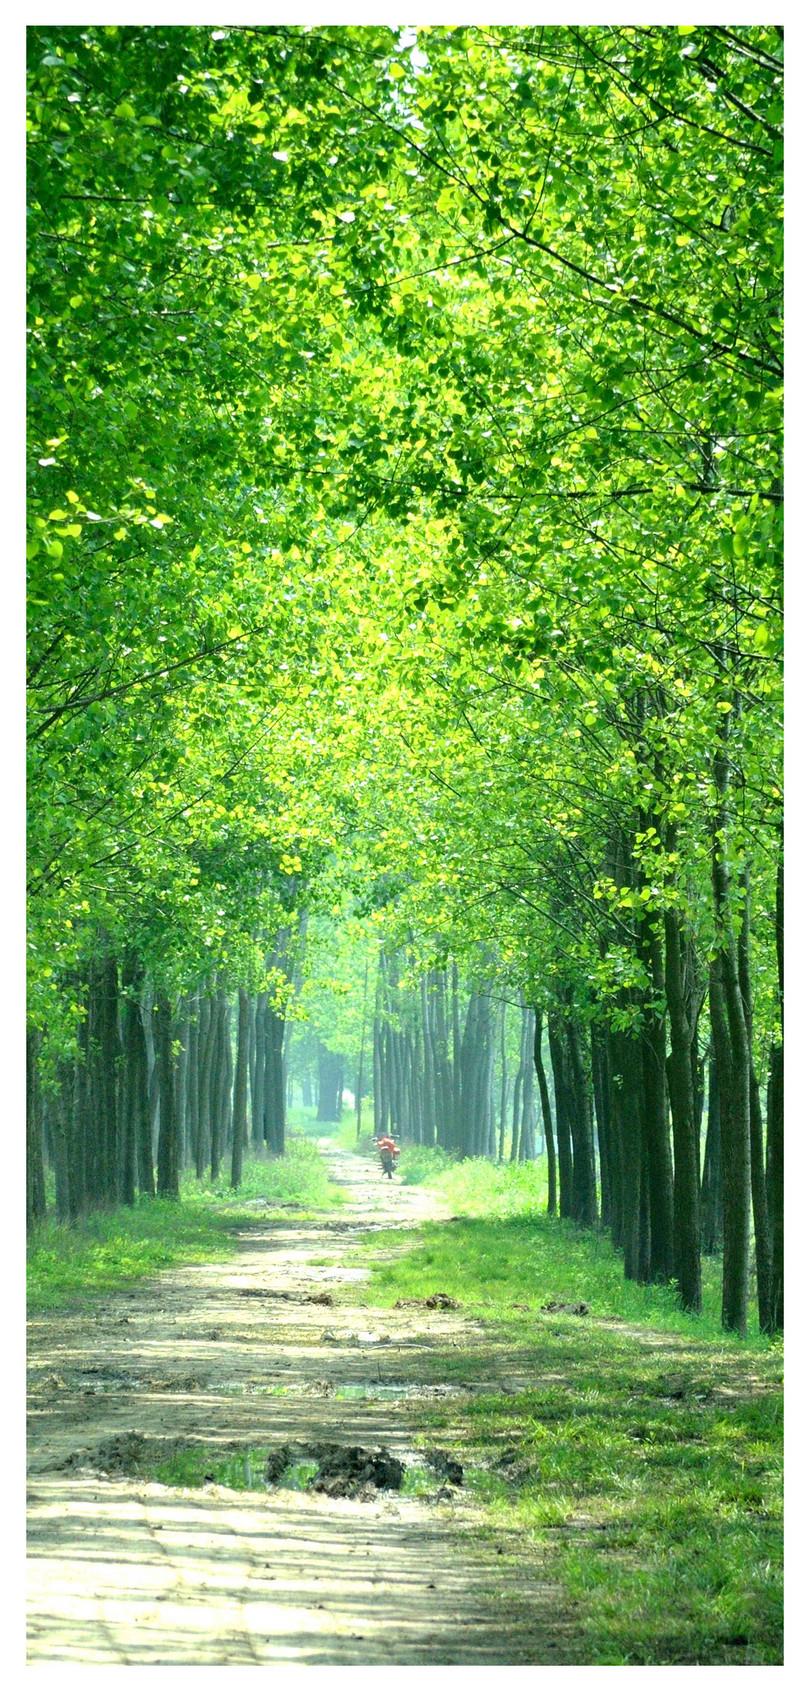 緑の森モバイル壁紙イメージ 背景 Id 400677643 Prf画像フォーマット